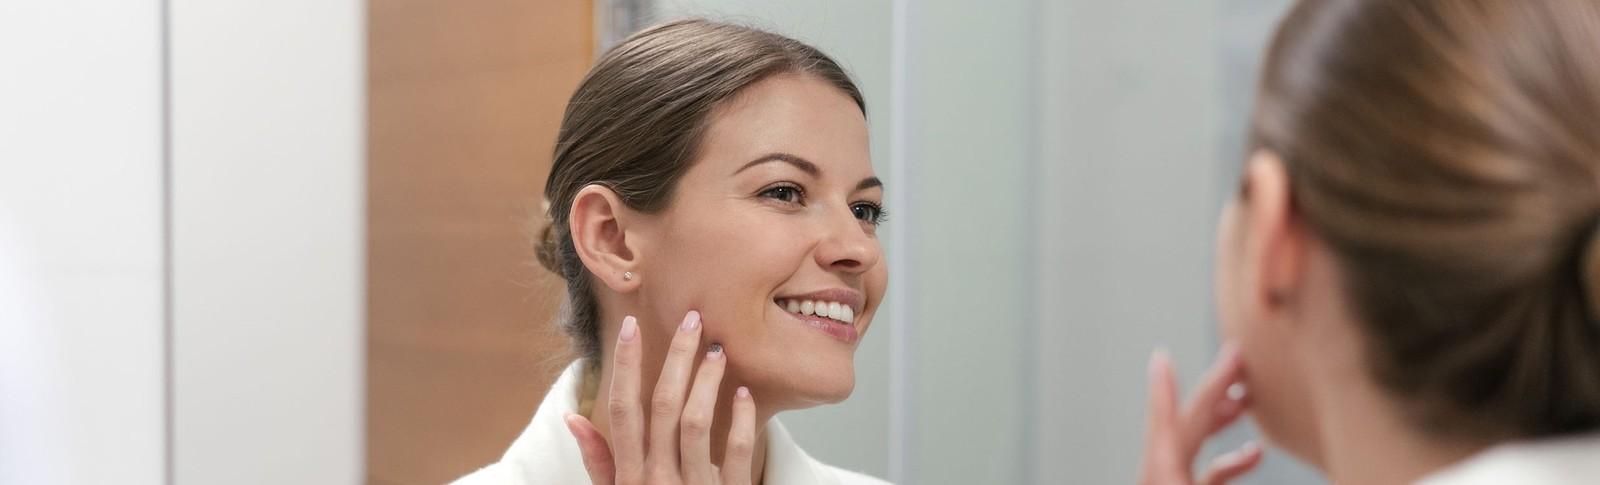 Frau betrachtet das Resultat ihrer Ohrenkorrektur in den Moser Kliniken